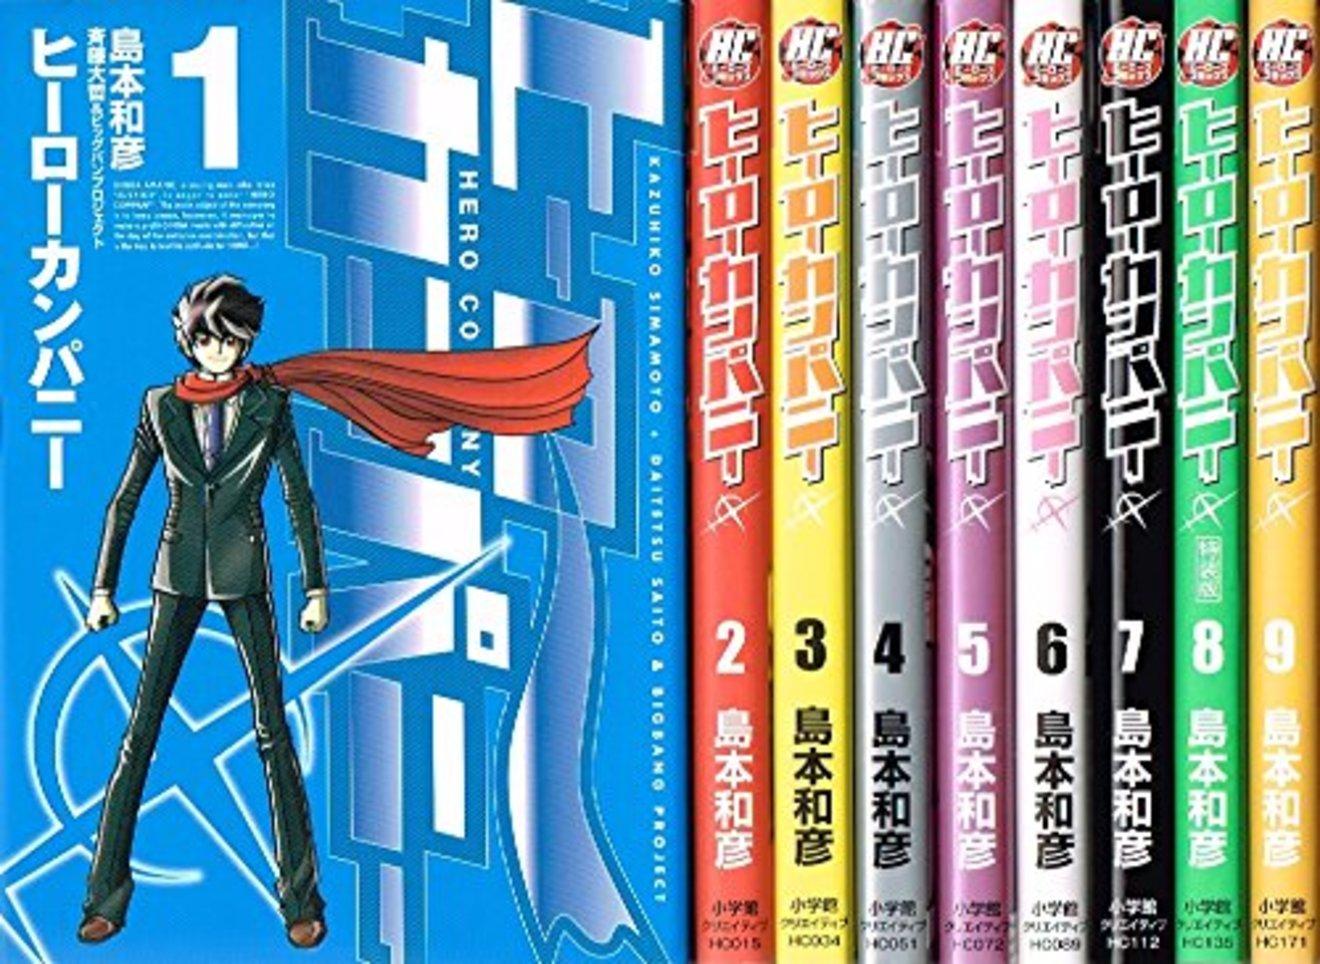 『ヒーローカンパニー』の魅力を最新10巻までネタバレ紹介!面白い!